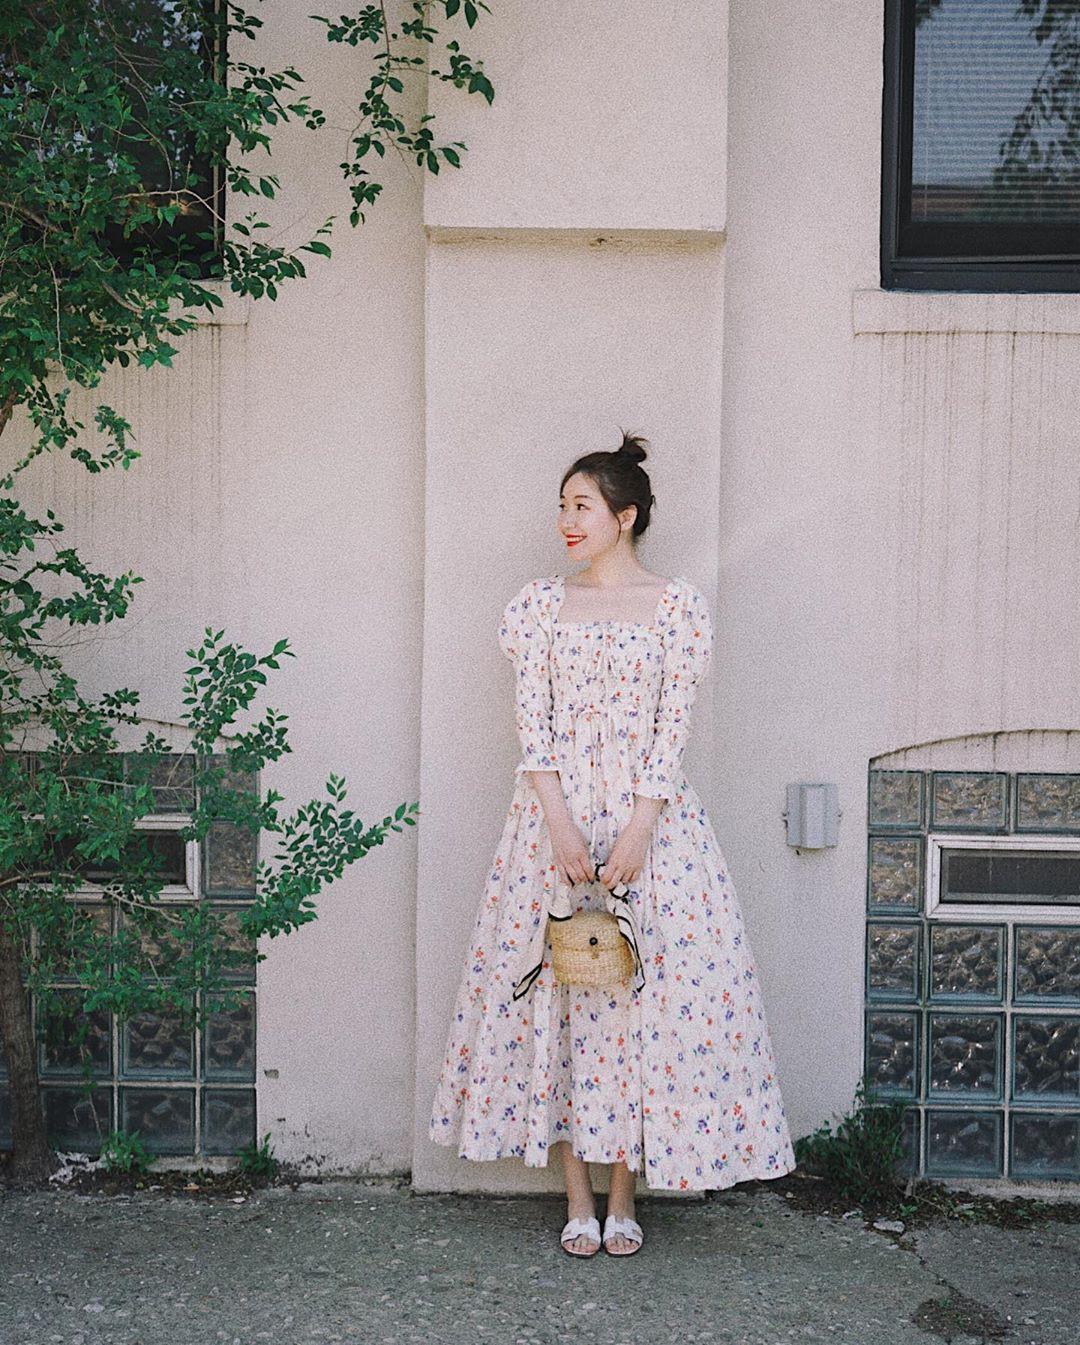 Không kiểu váy nào vượt qua được váy dáng dài về độ sang chảnh, yêu kiều và hợp rơ với tiết trời se lạnh-6